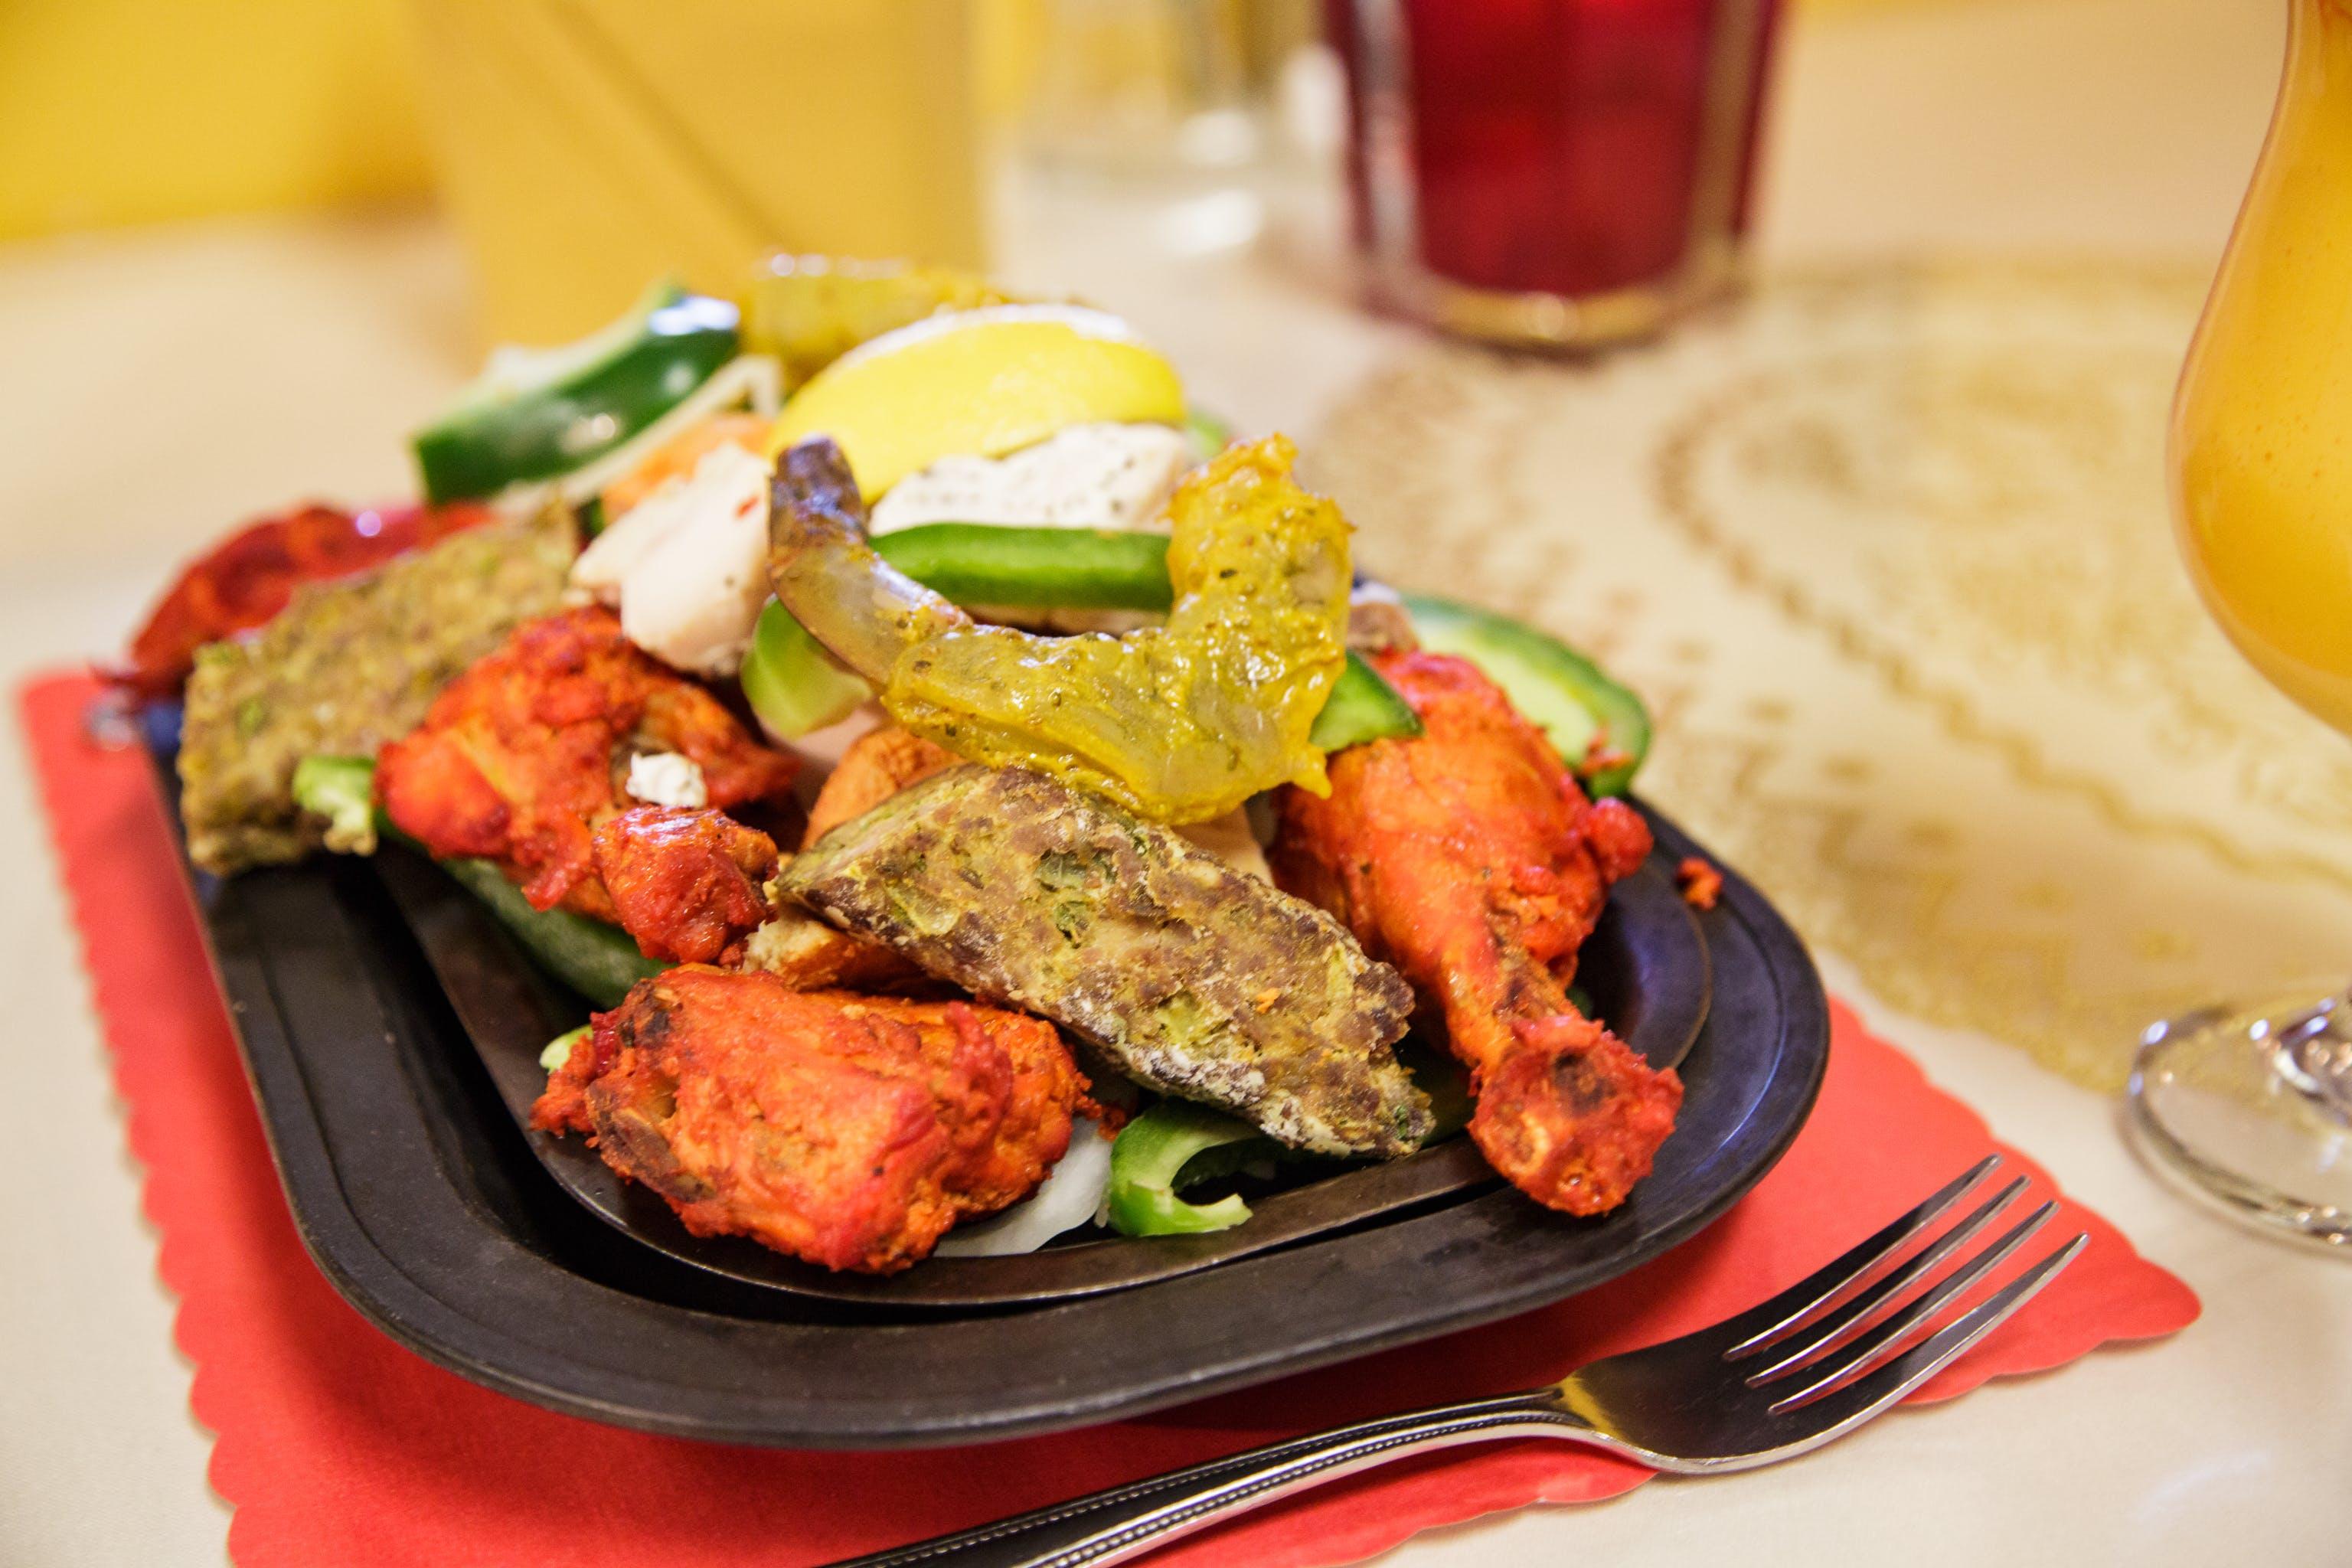 5. Tandoori Mixed Grill from Maharana Restaurant in Madison, WI